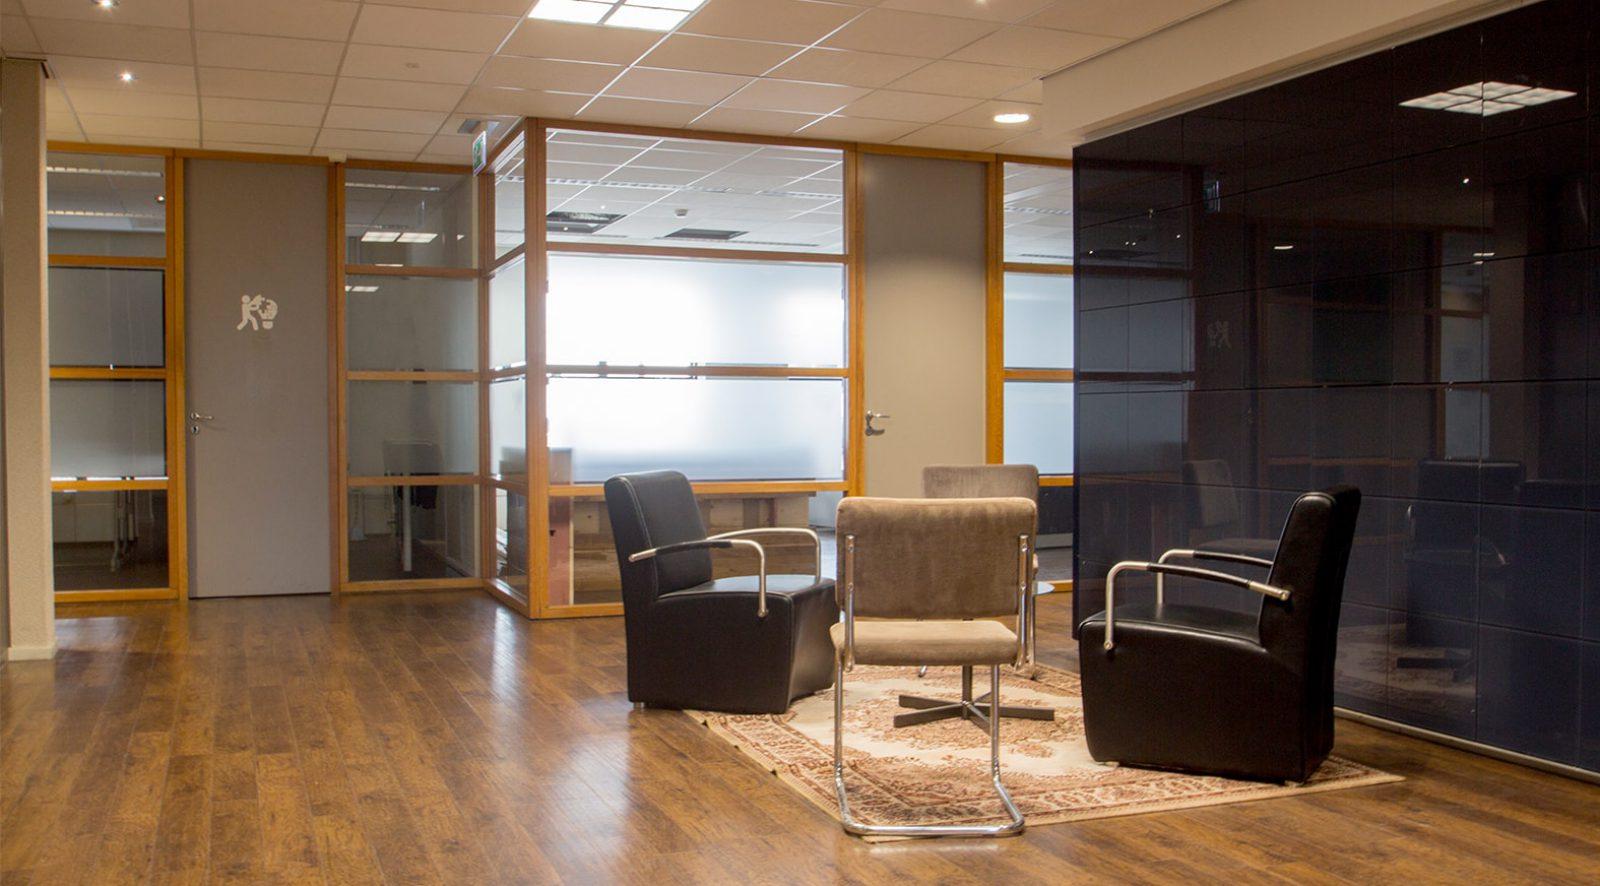 Kantoorruimte huren in Aalsmeer | Studio's Aalsmeer | Crown Business Center Aalsmeer